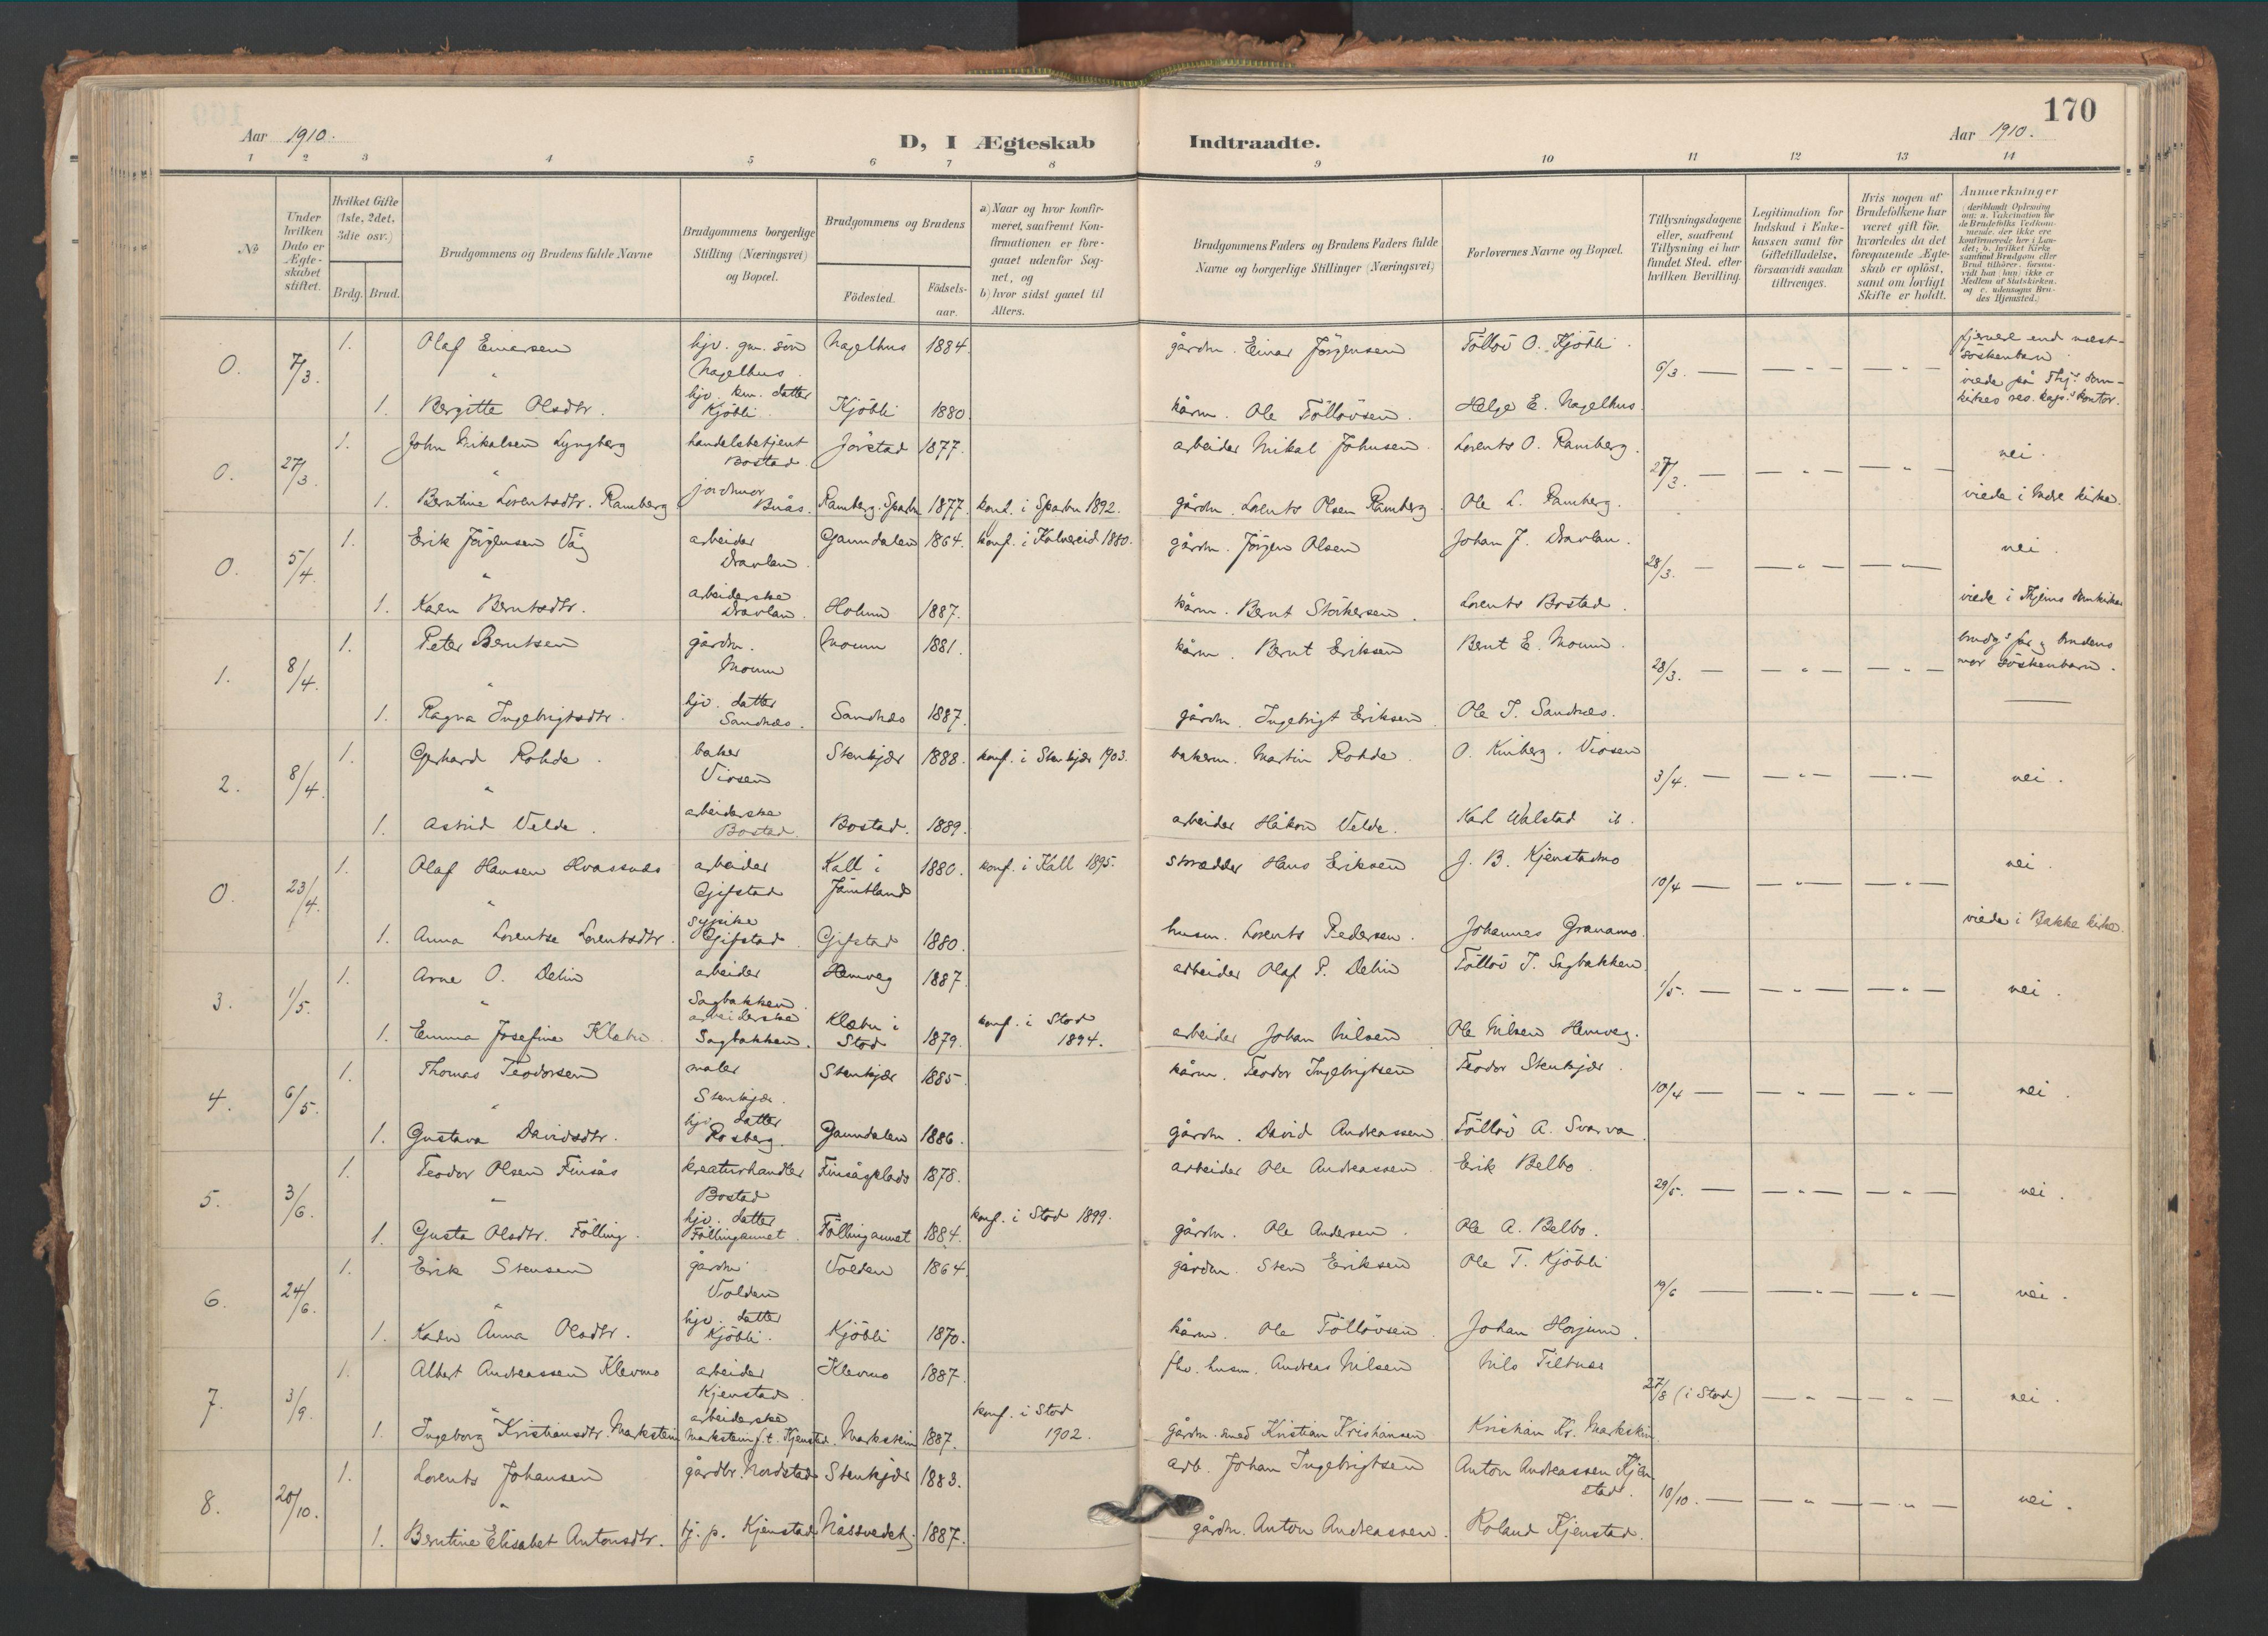 SAT, Ministerialprotokoller, klokkerbøker og fødselsregistre - Nord-Trøndelag, 749/L0477: Ministerialbok nr. 749A11, 1902-1927, s. 170